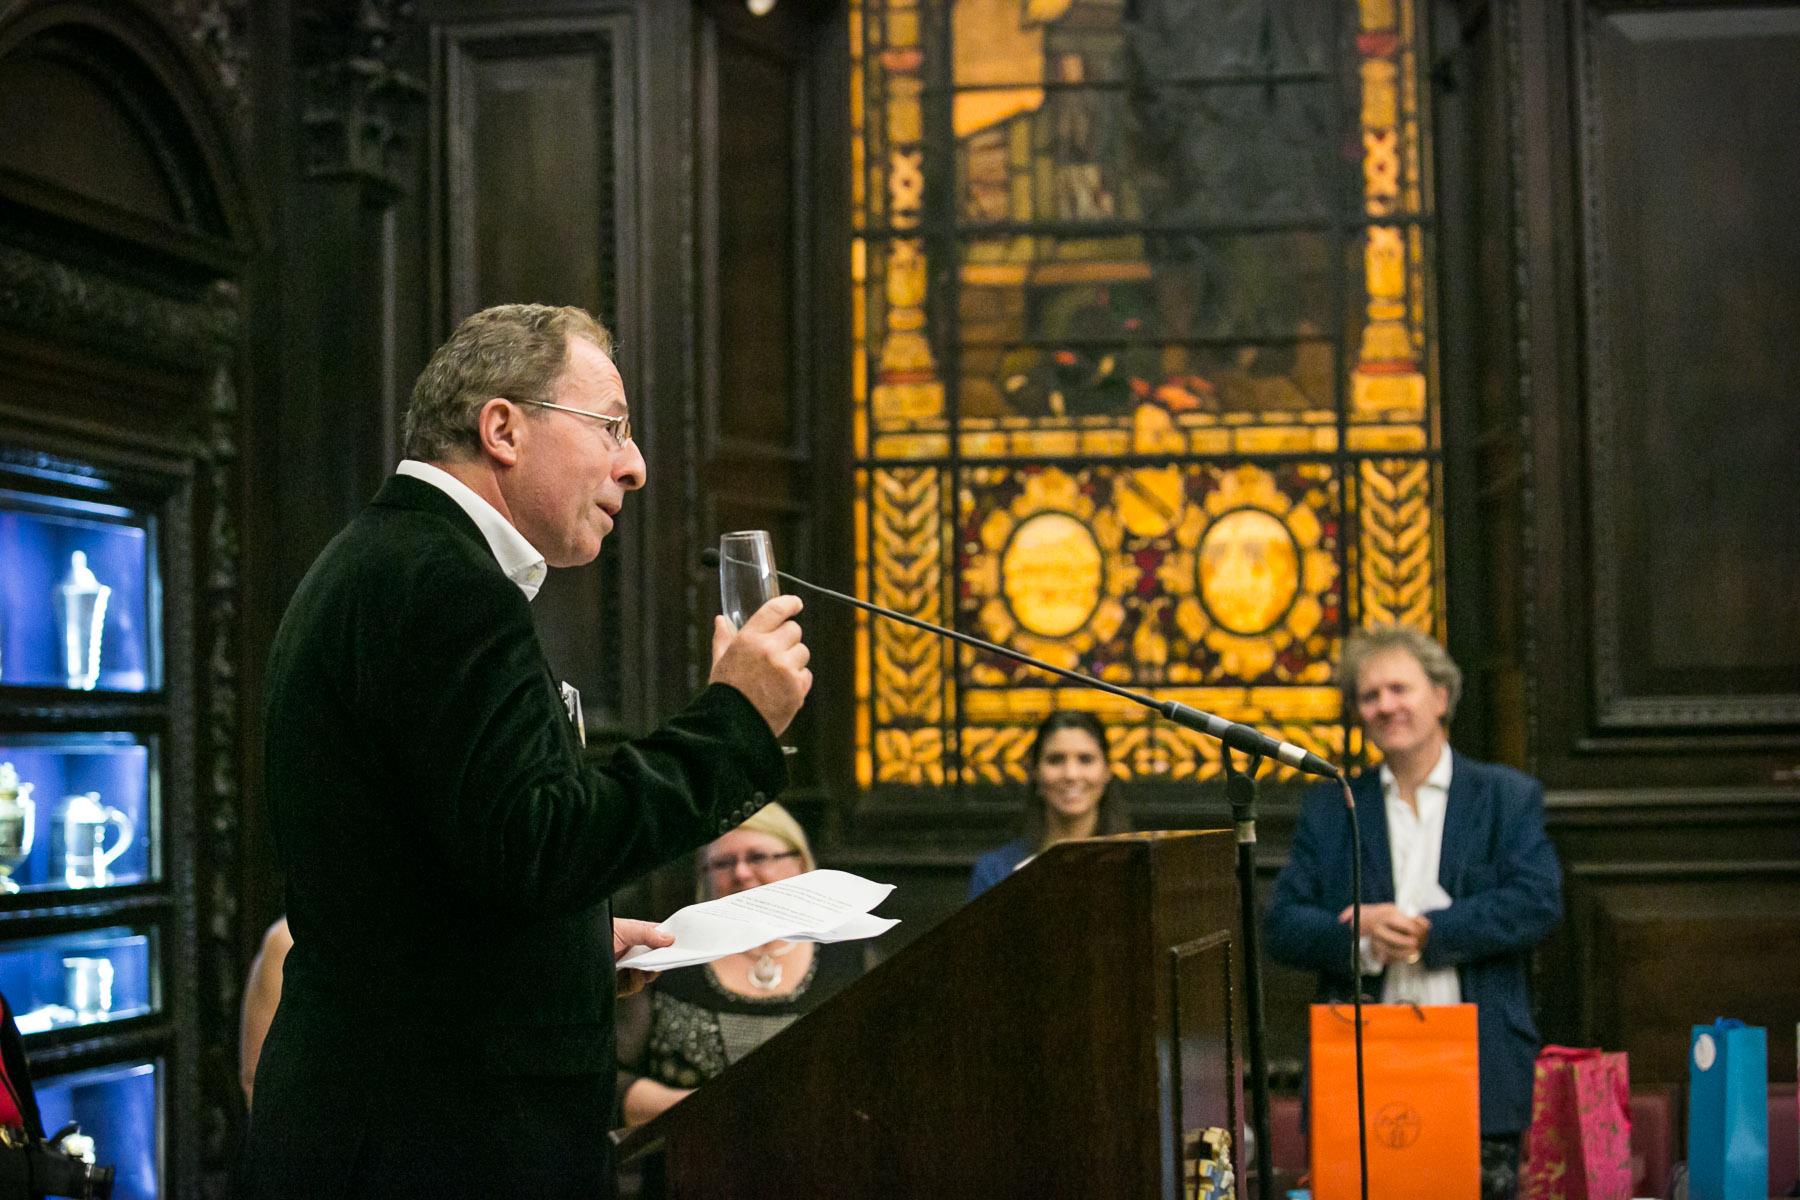 Peter James, proposing a toast